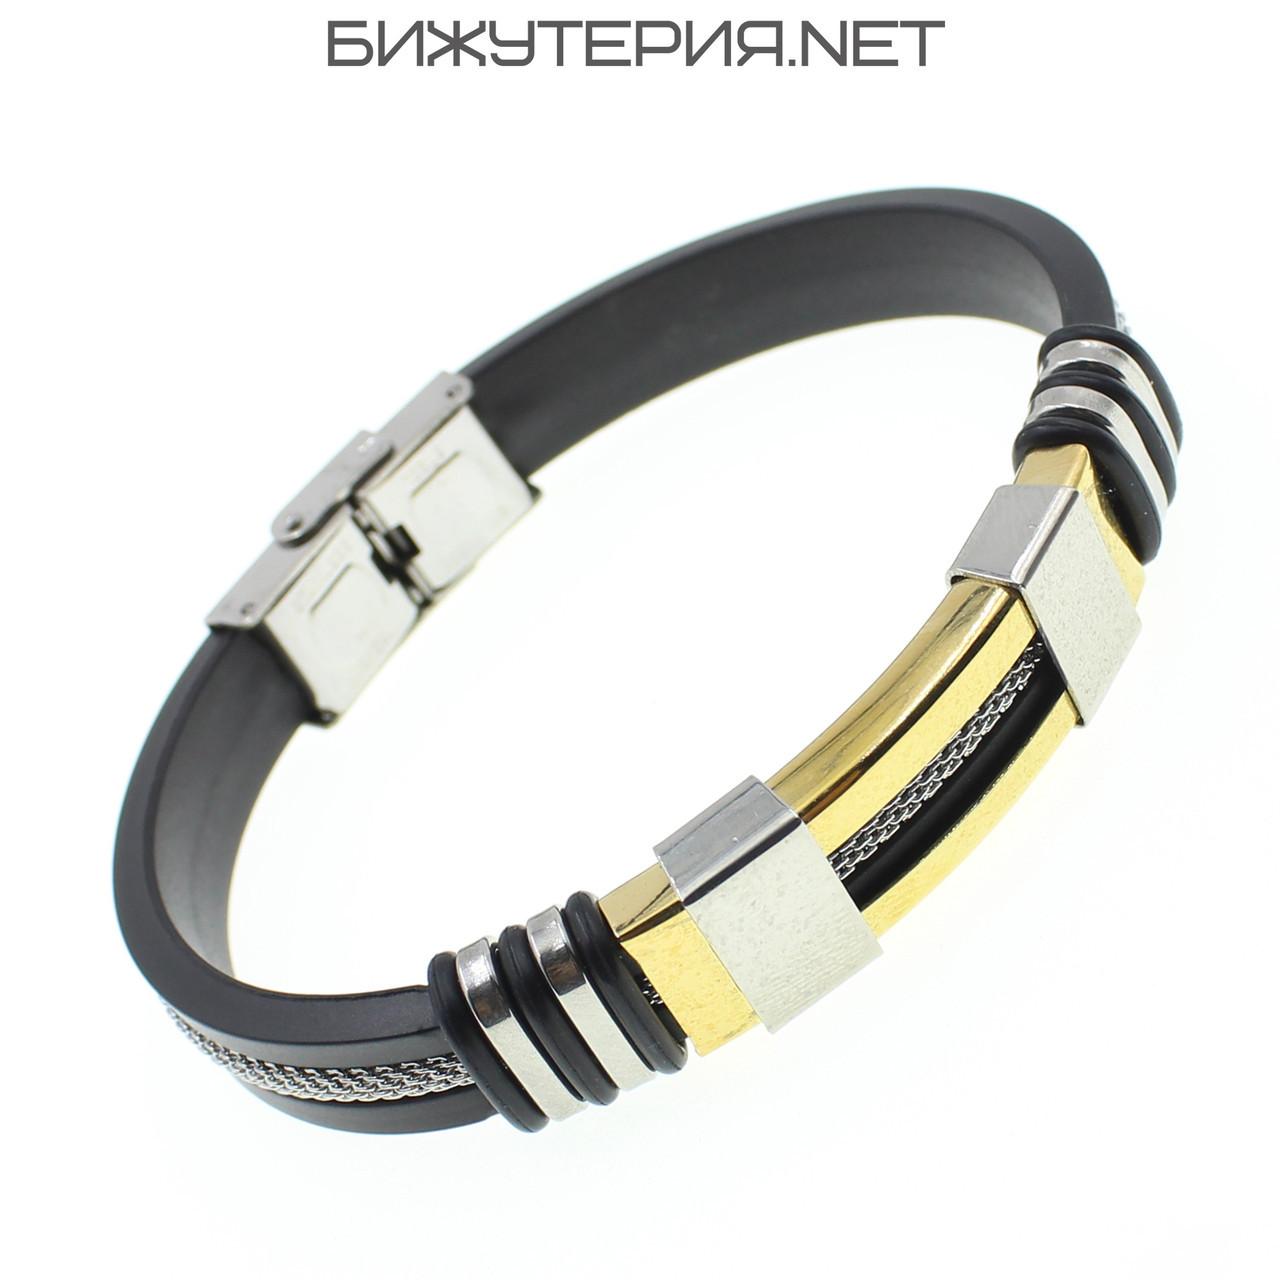 Мужской браслет Stainless Steel - 1038326914